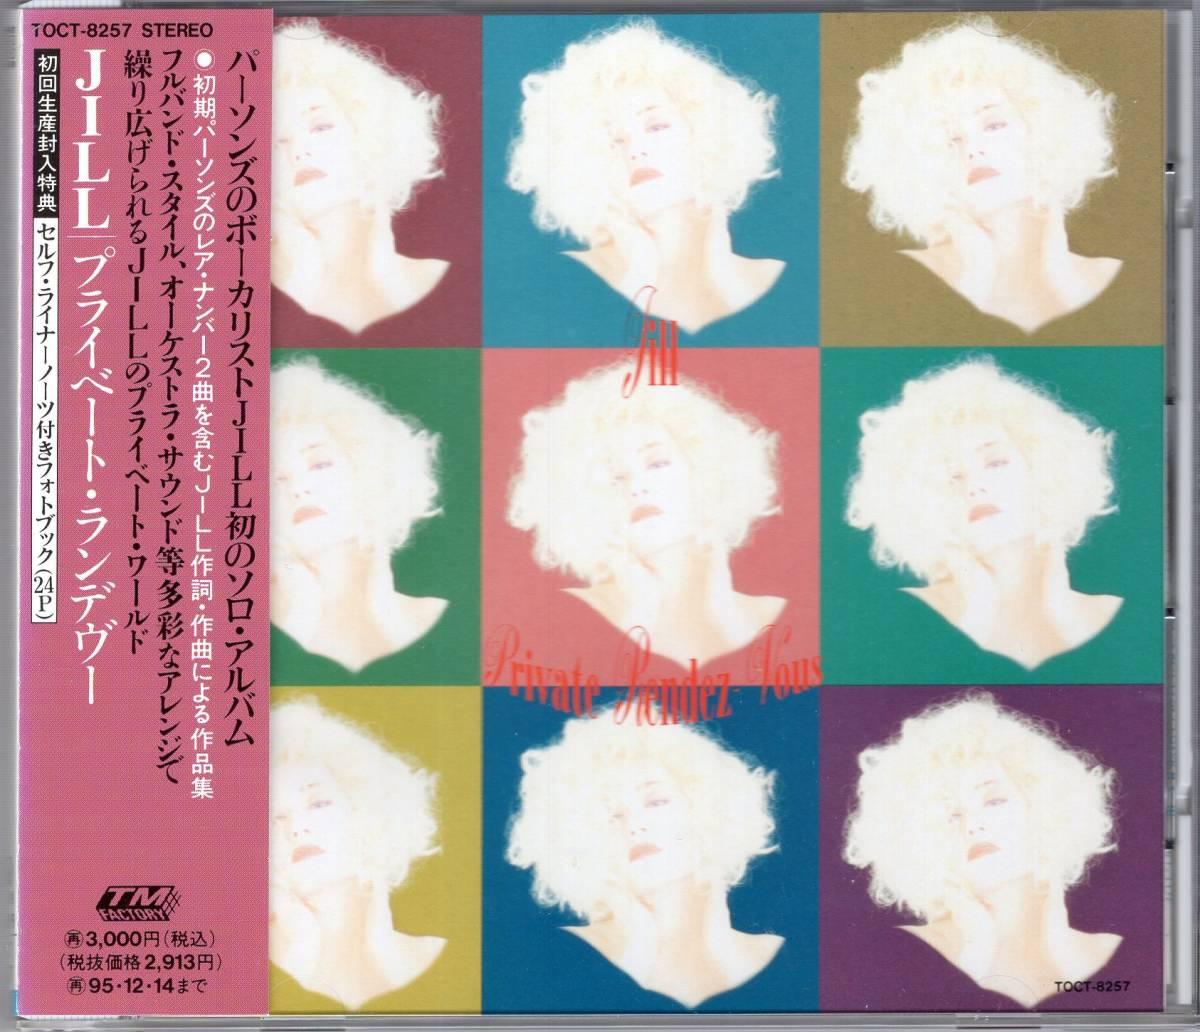 CD) JILL プライベート・ランデヴー_画像1